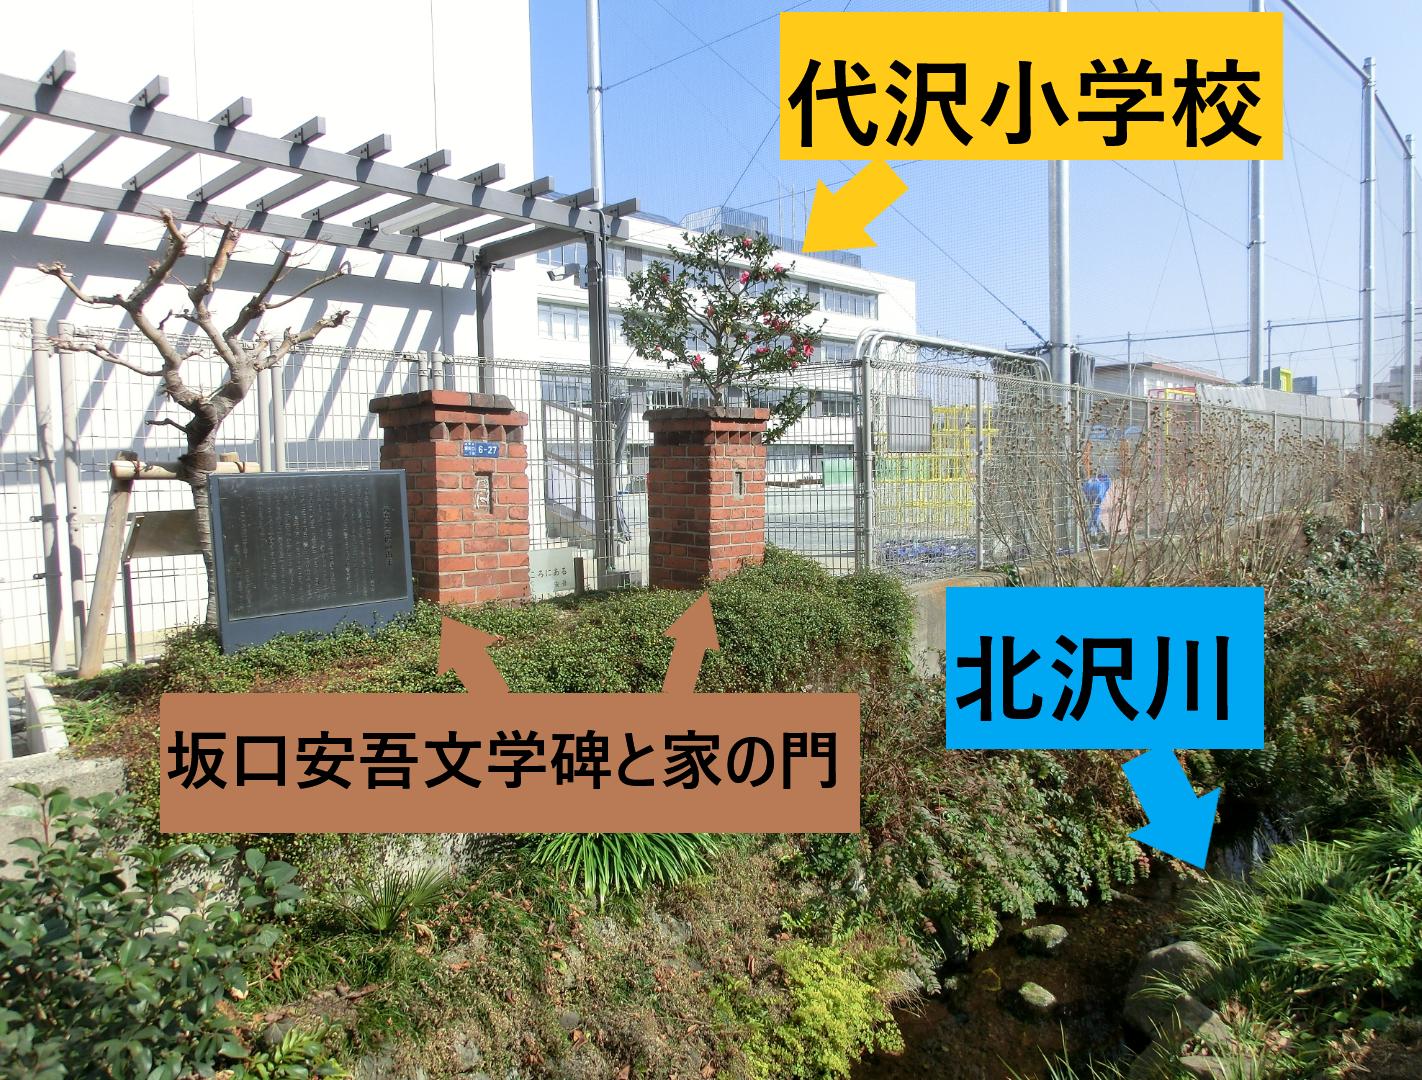 坂口安吾文学碑の由来1 代田・代沢散策6